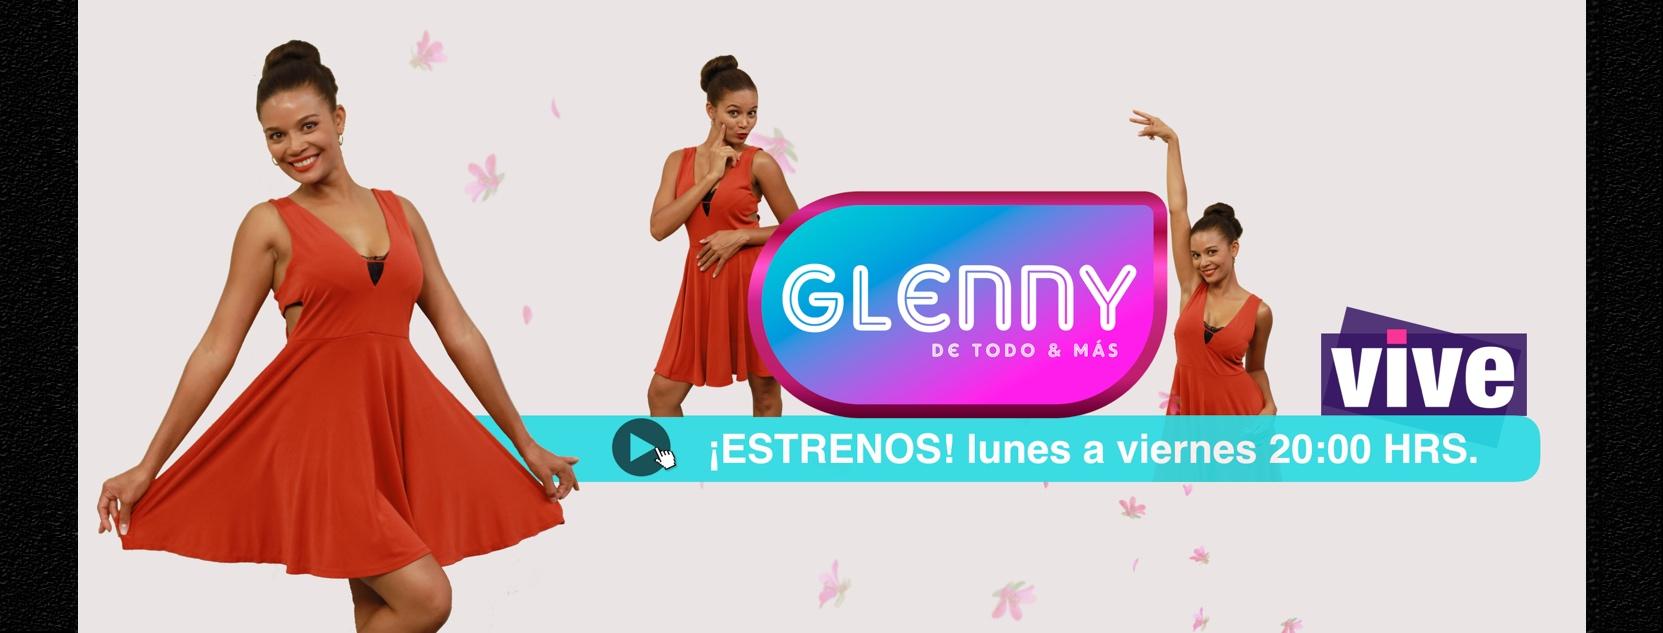 glenny